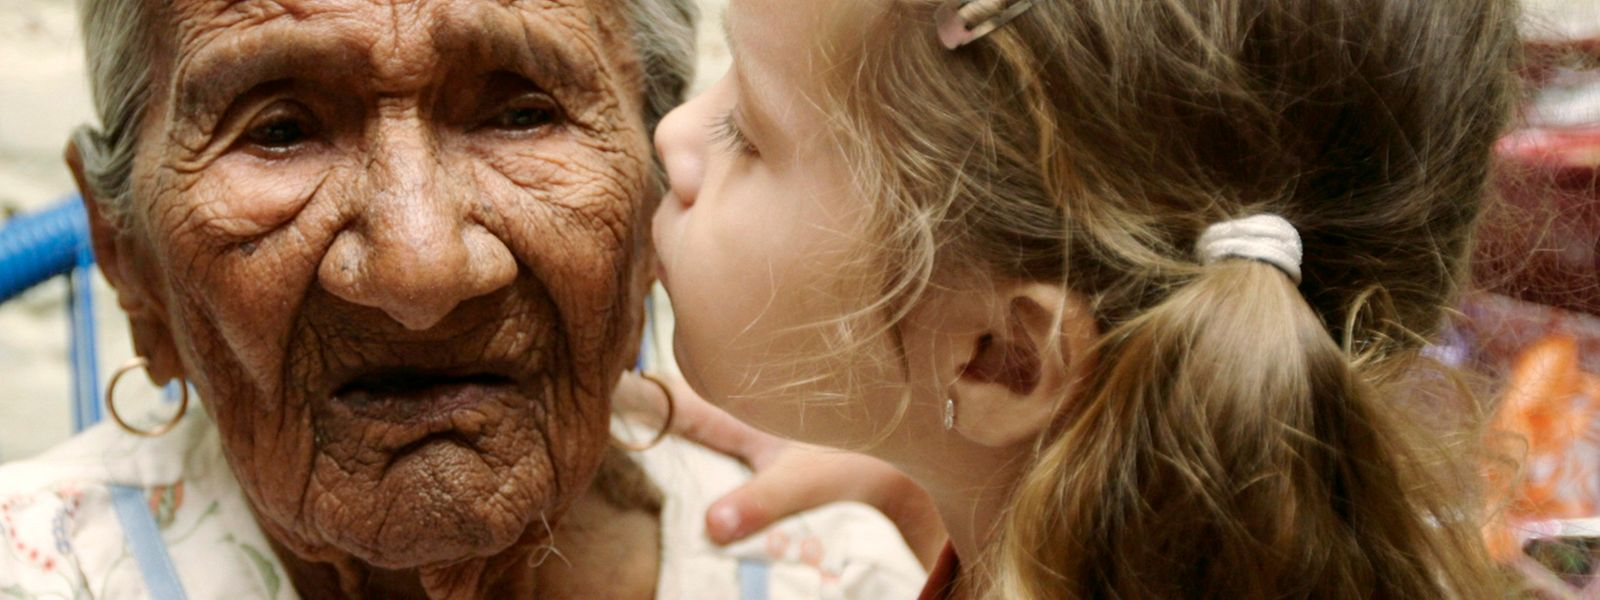 Immer mehr Menschen leben deutlich länger als 100 Jahre.